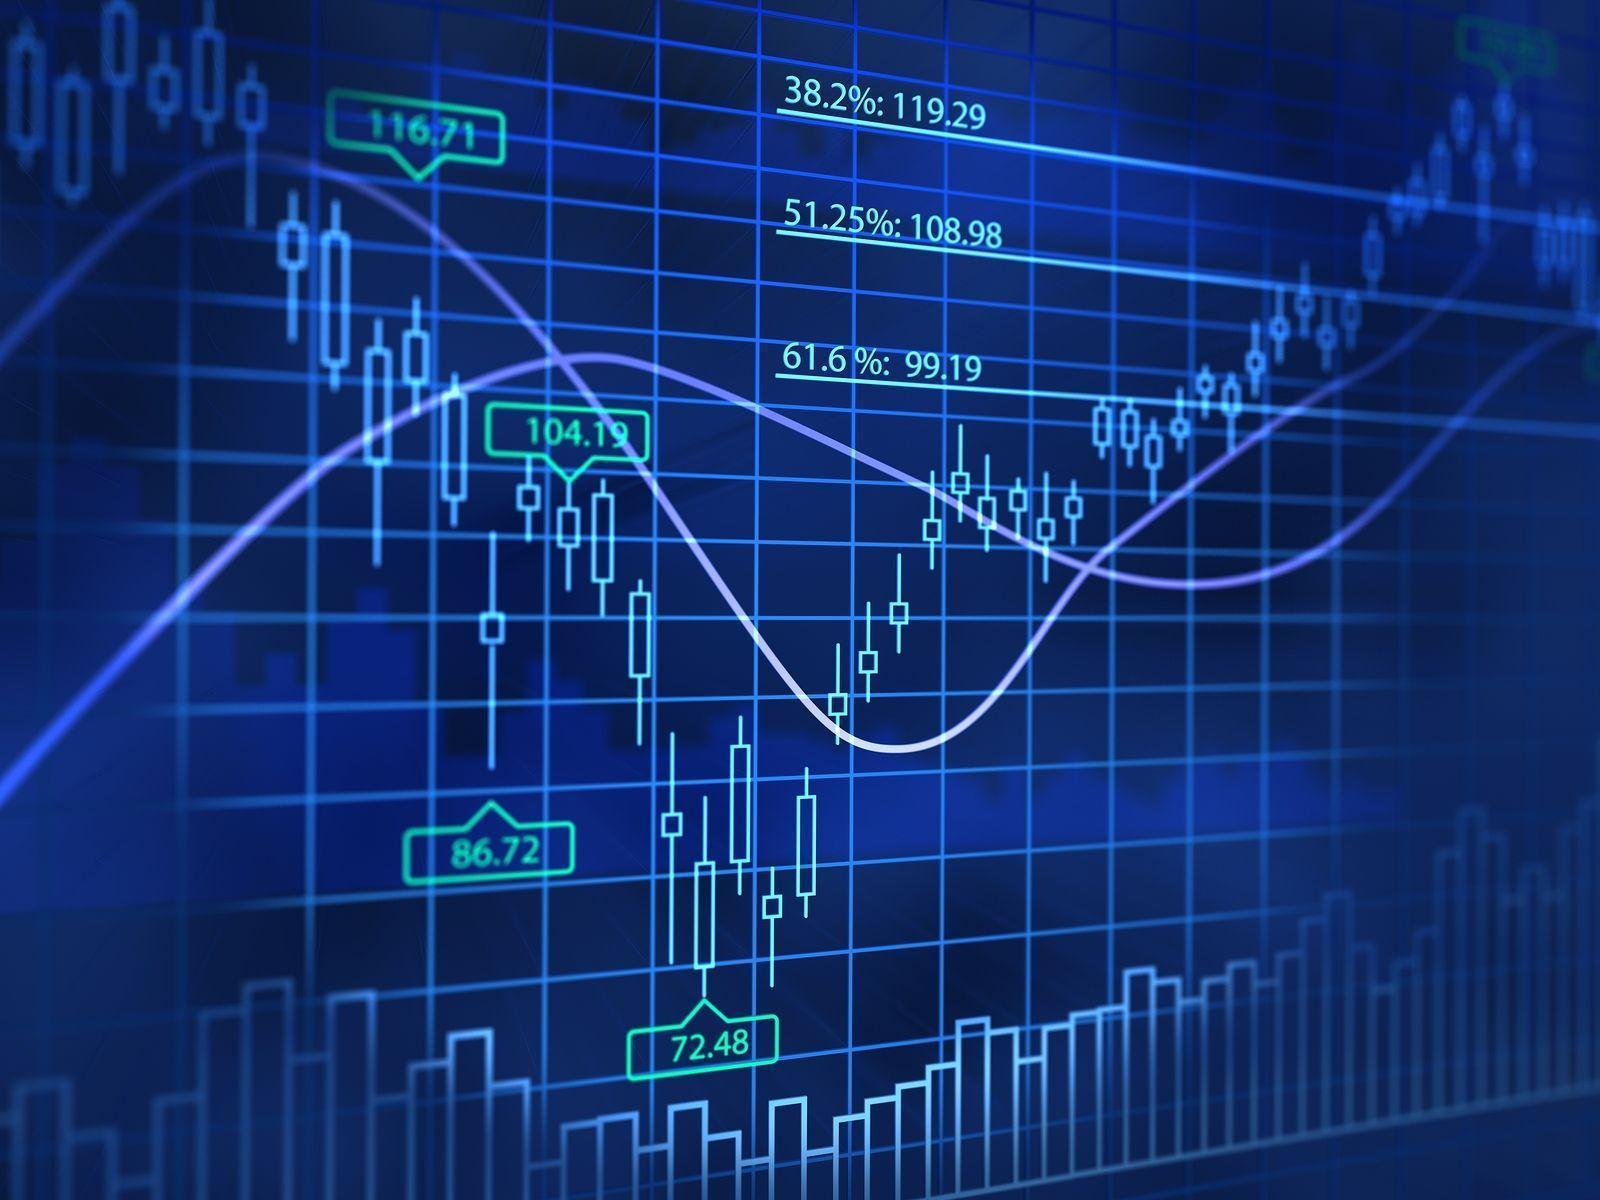 Qu'est ce que la formation trading peut vous apprendre ?